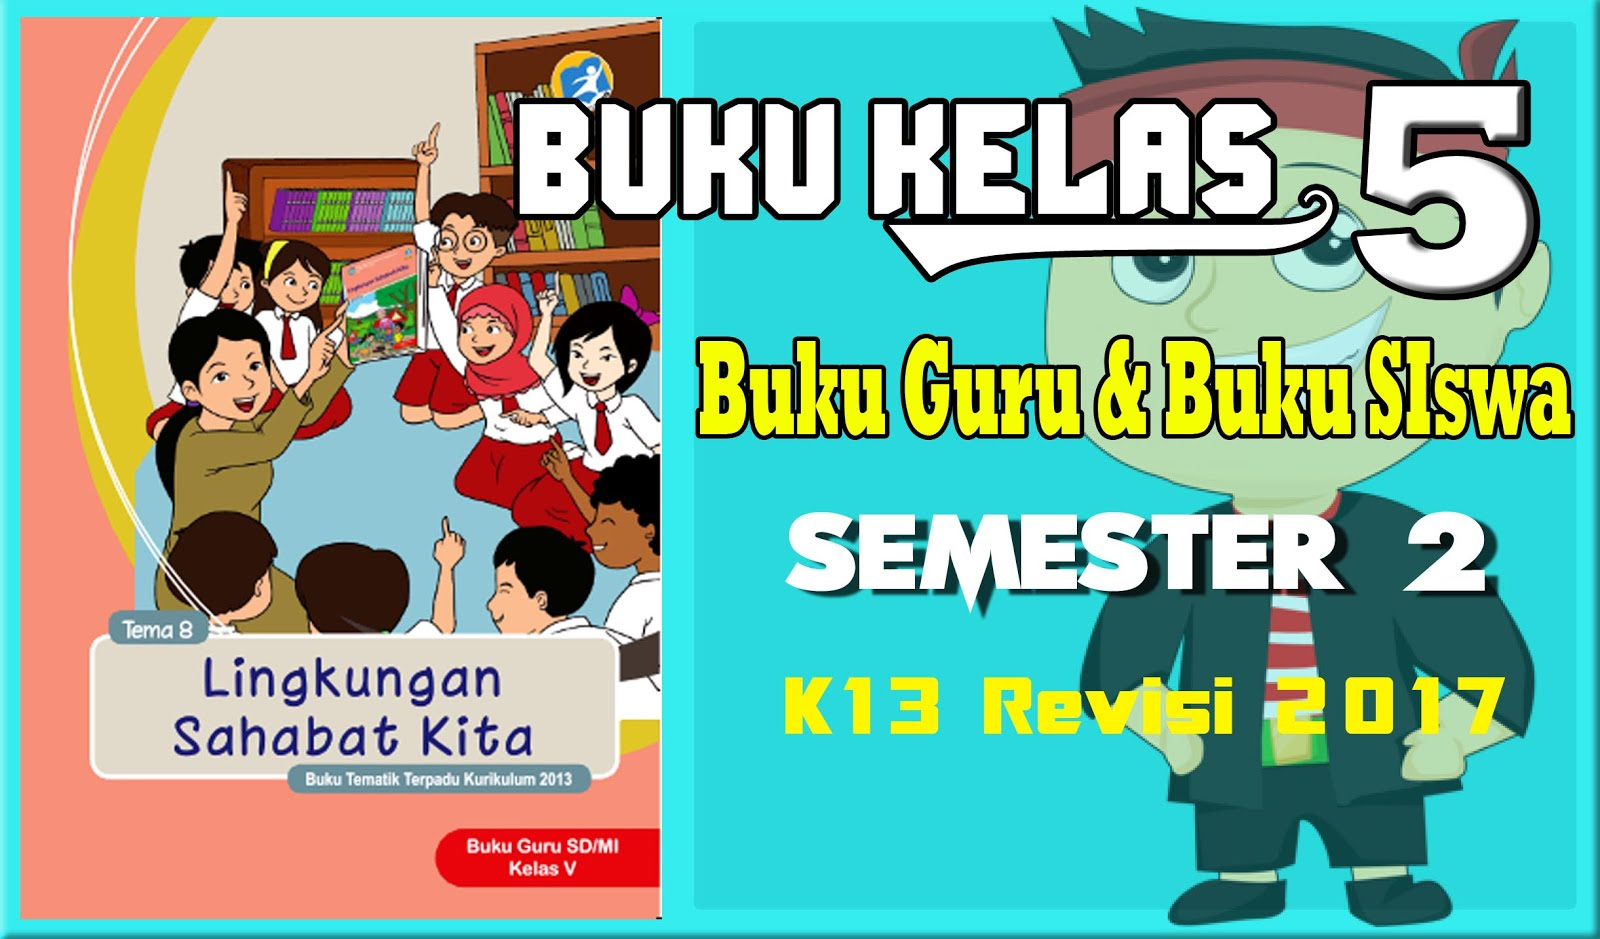 Buku Kelas 5 Sd Semester 2 Kurikulum 2013 Revisi 2017 Dapodik Bangkalan